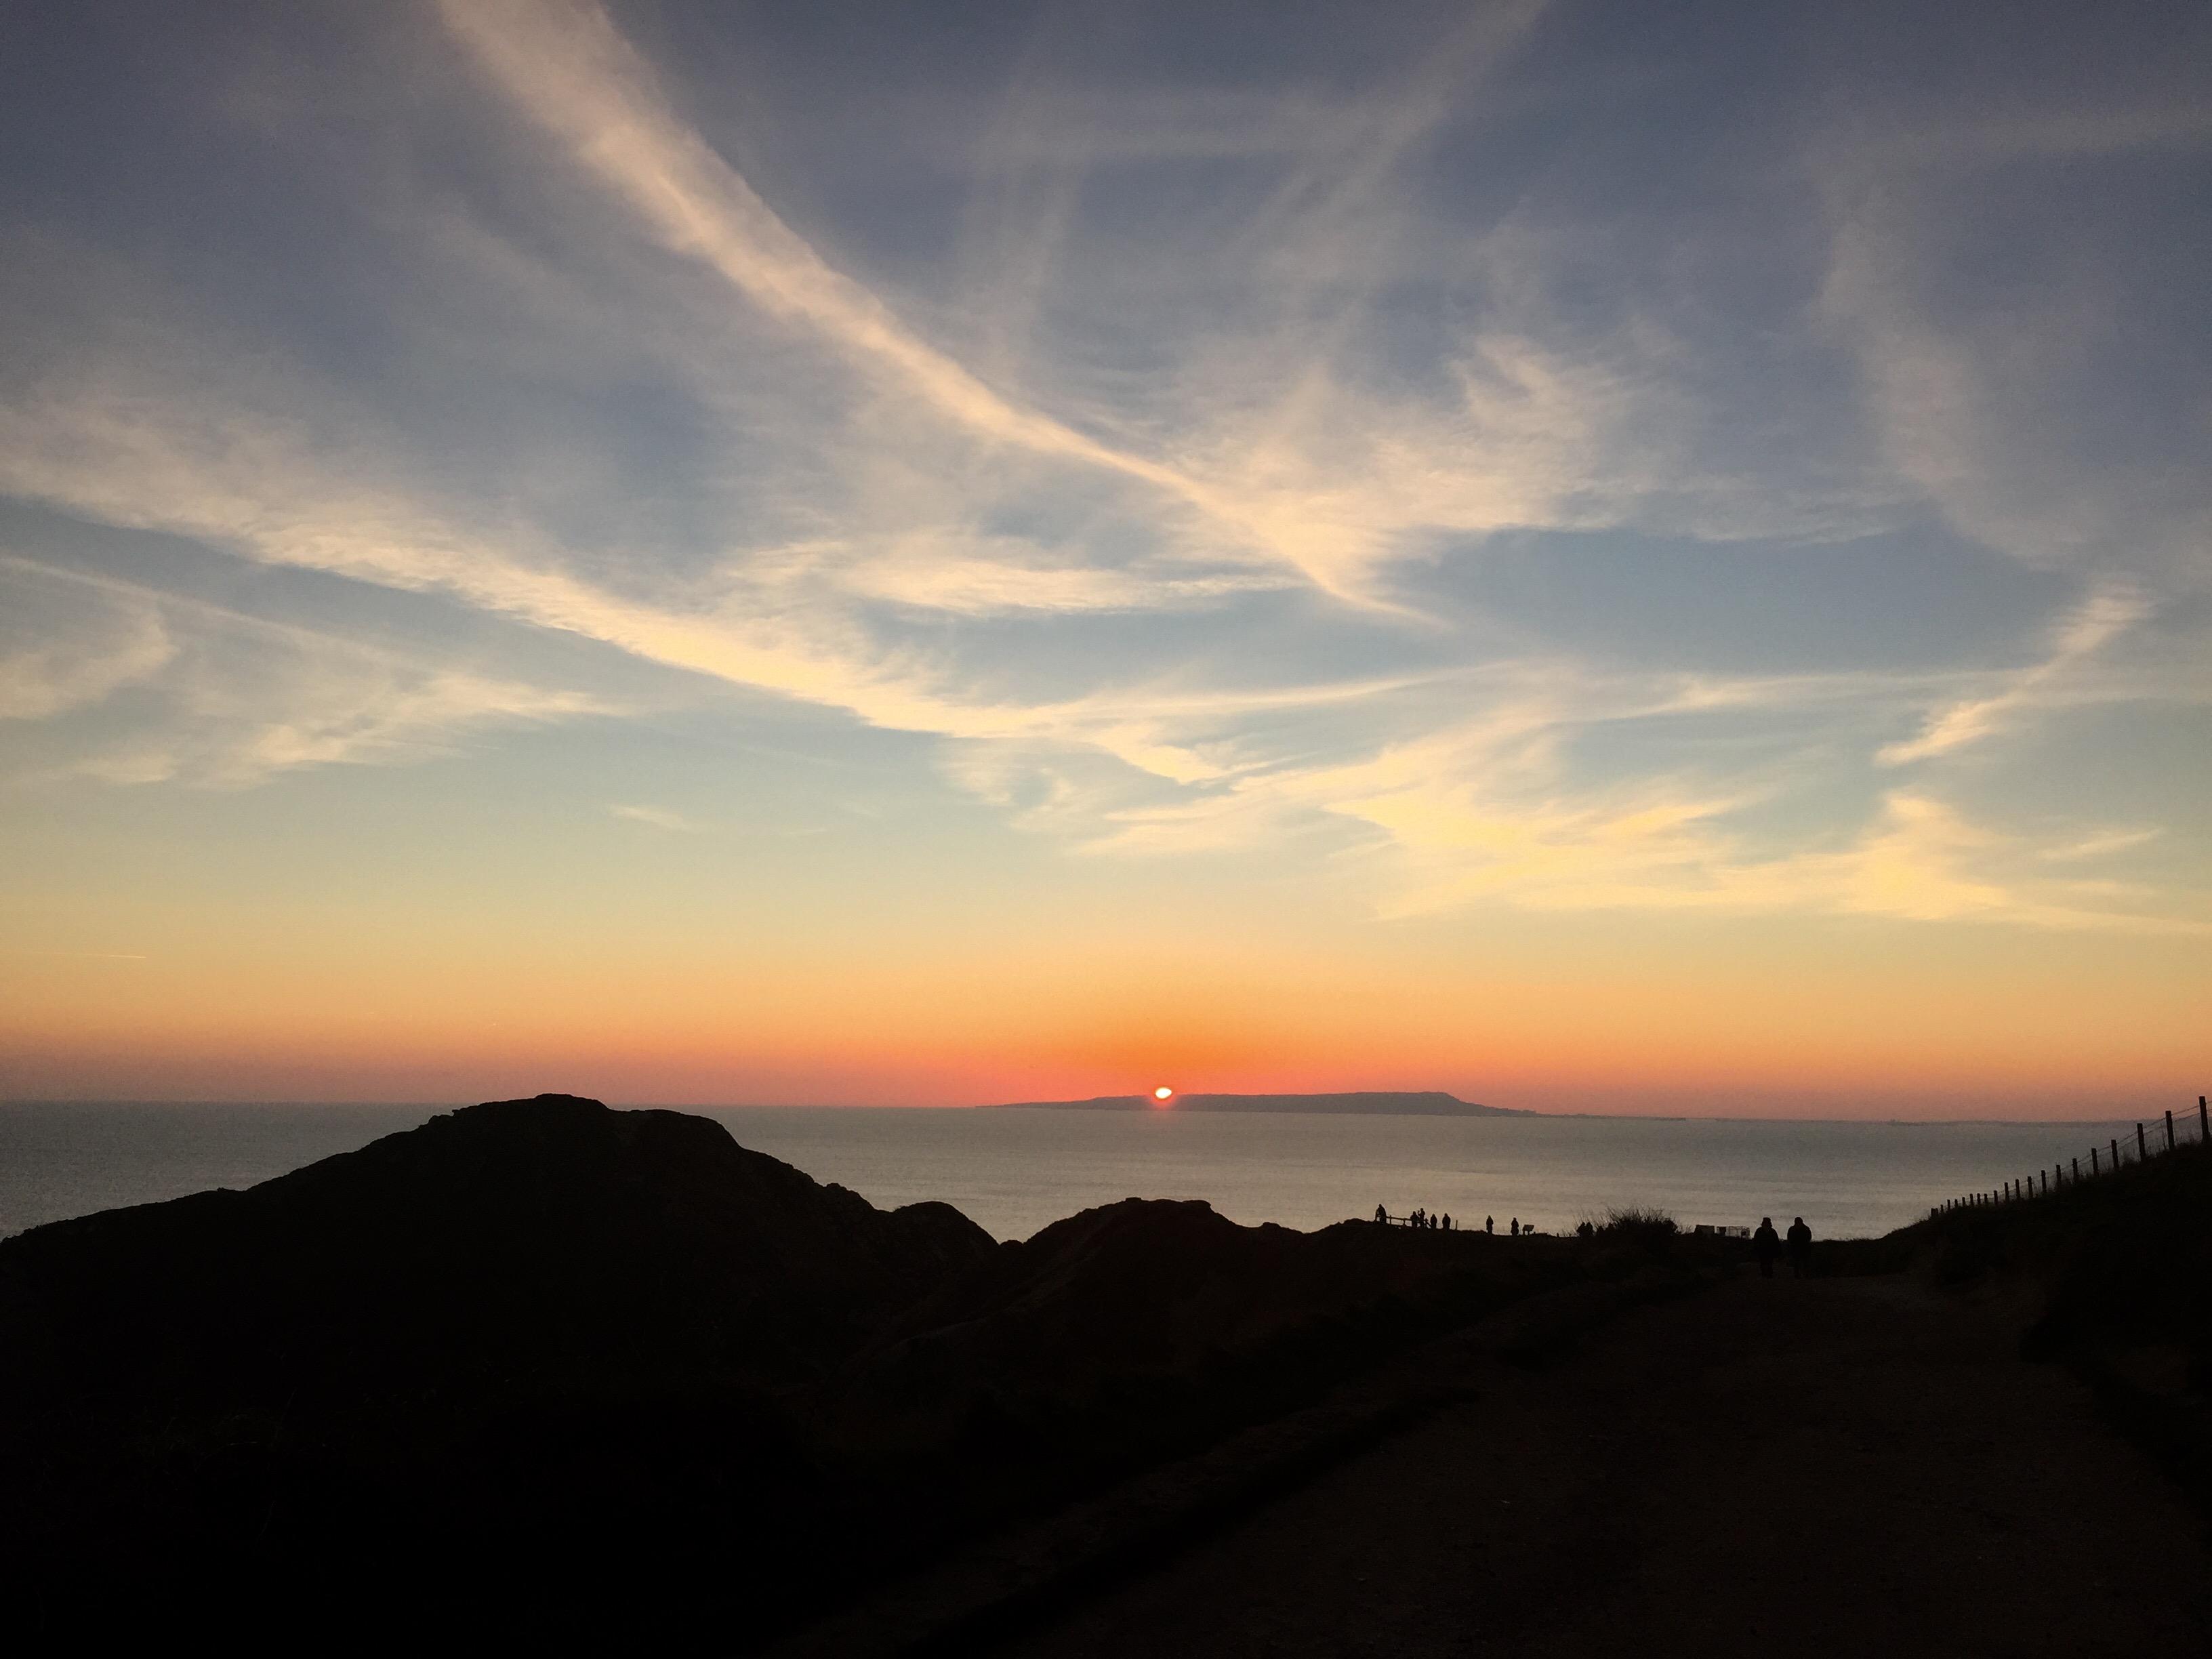 Sfondi Tramonto Mare Cielo Sole Spiaggia Nuvole Dorset